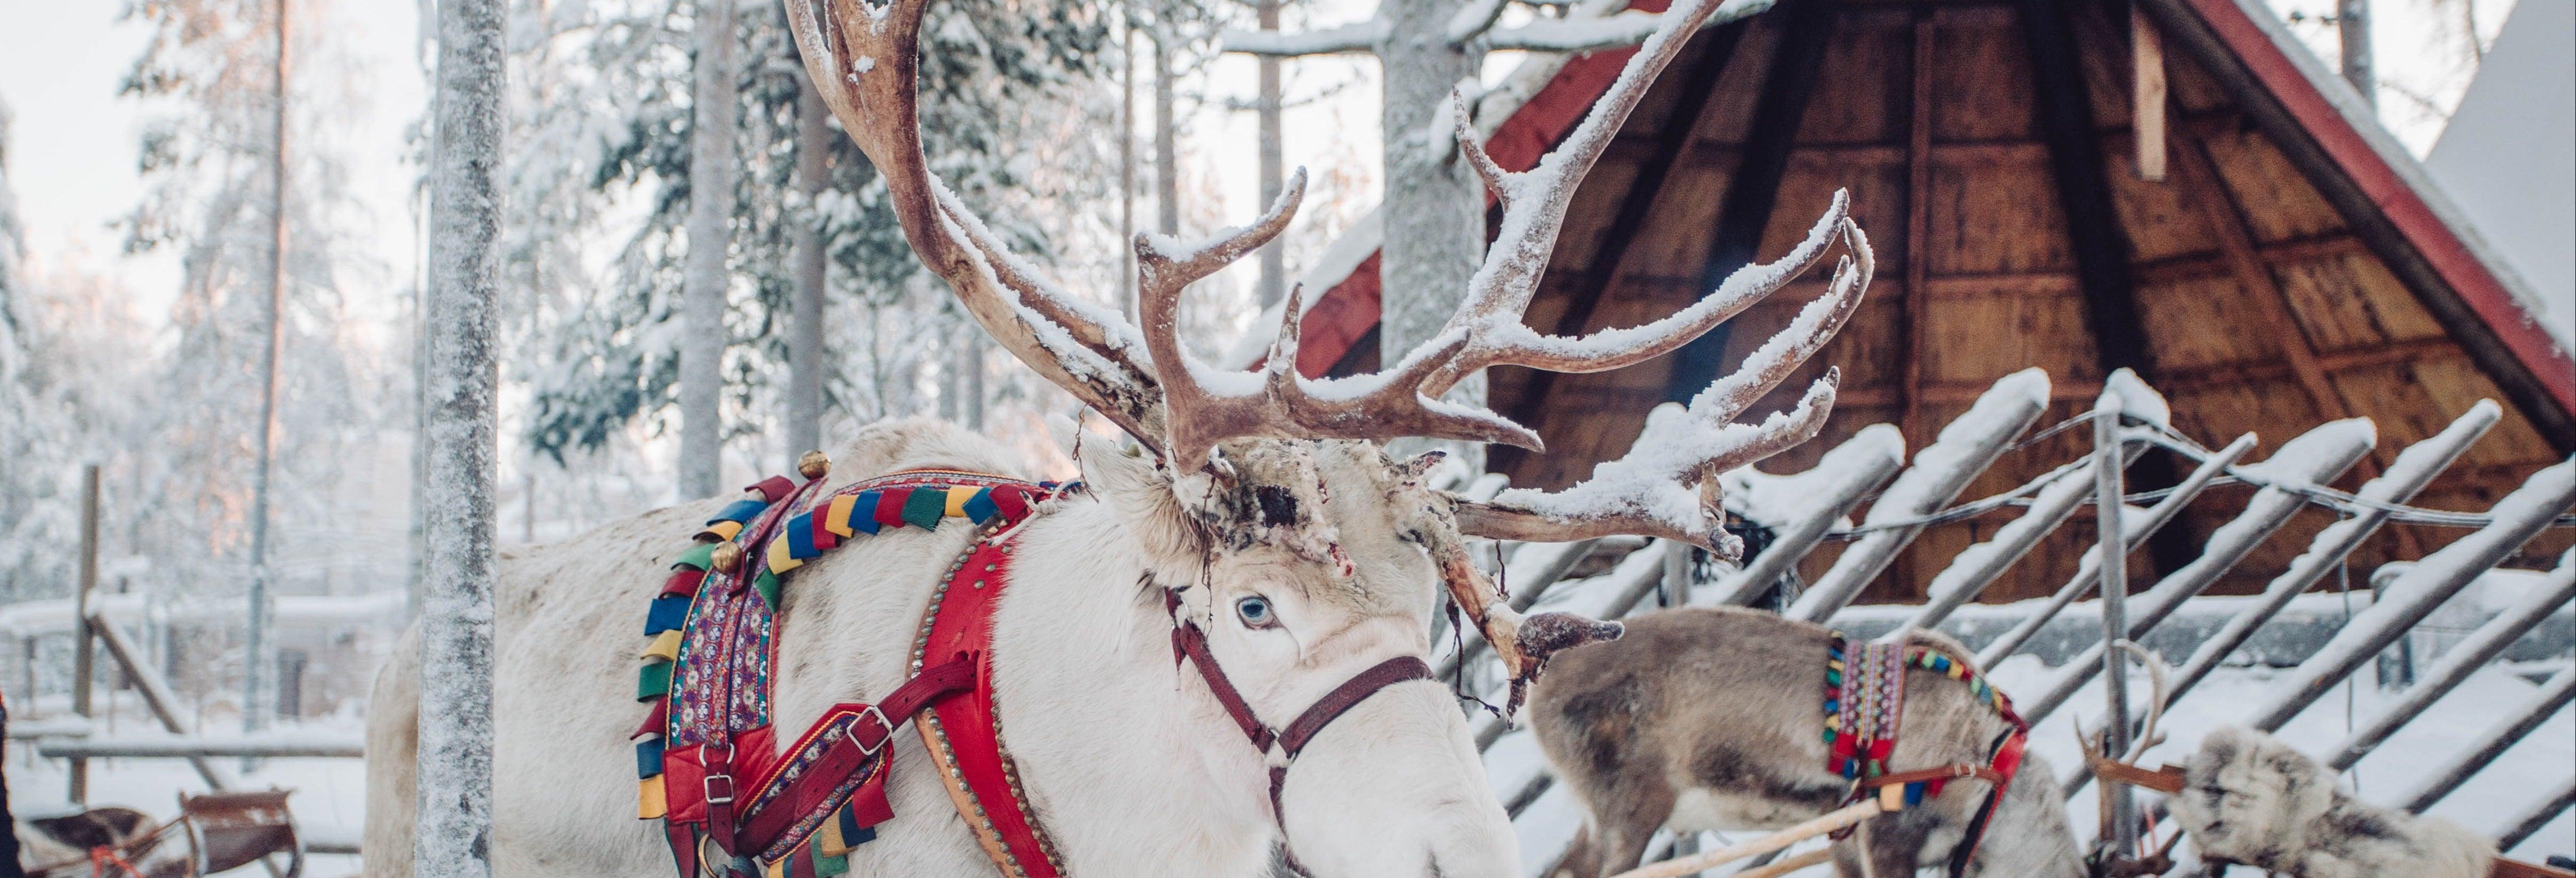 Village du Père Noël + Balade en traineau de rennes